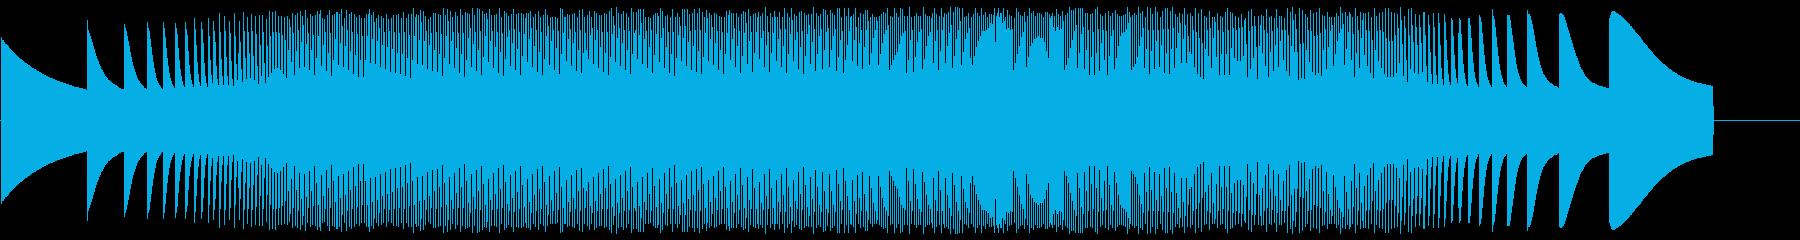 宇宙エンジン-ムーグの再生済みの波形